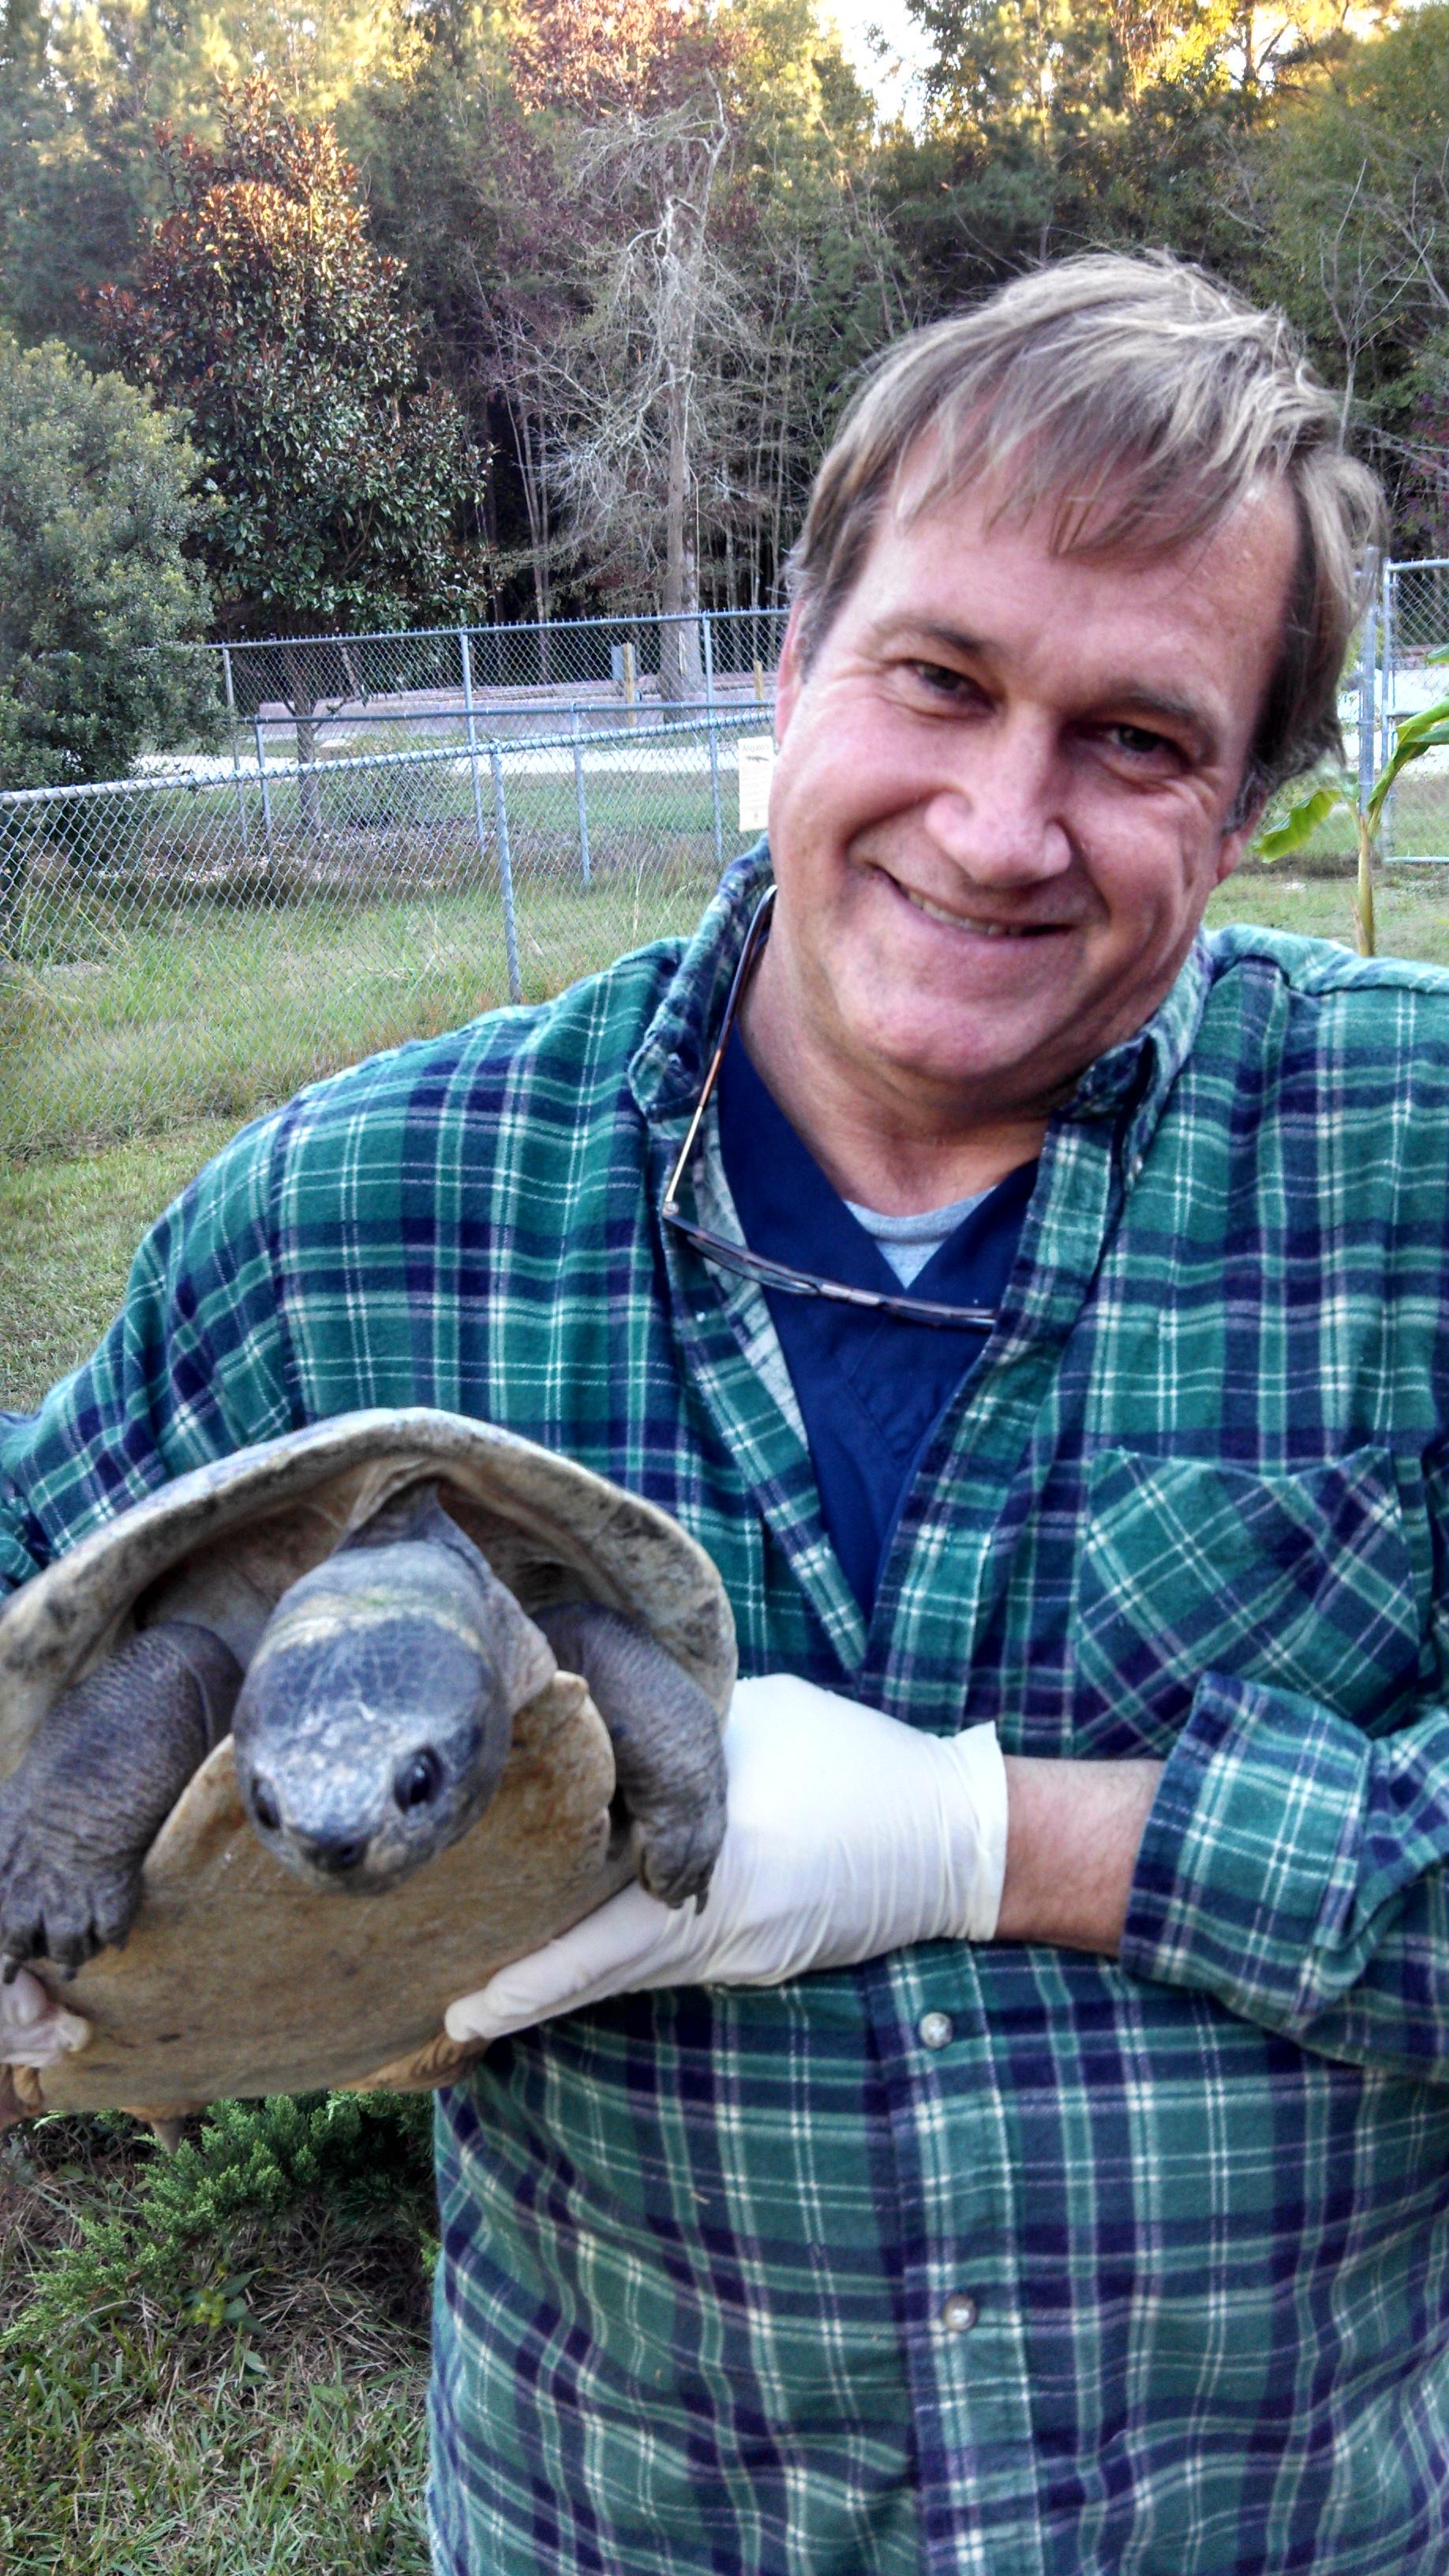 Terry, Osa Ecology